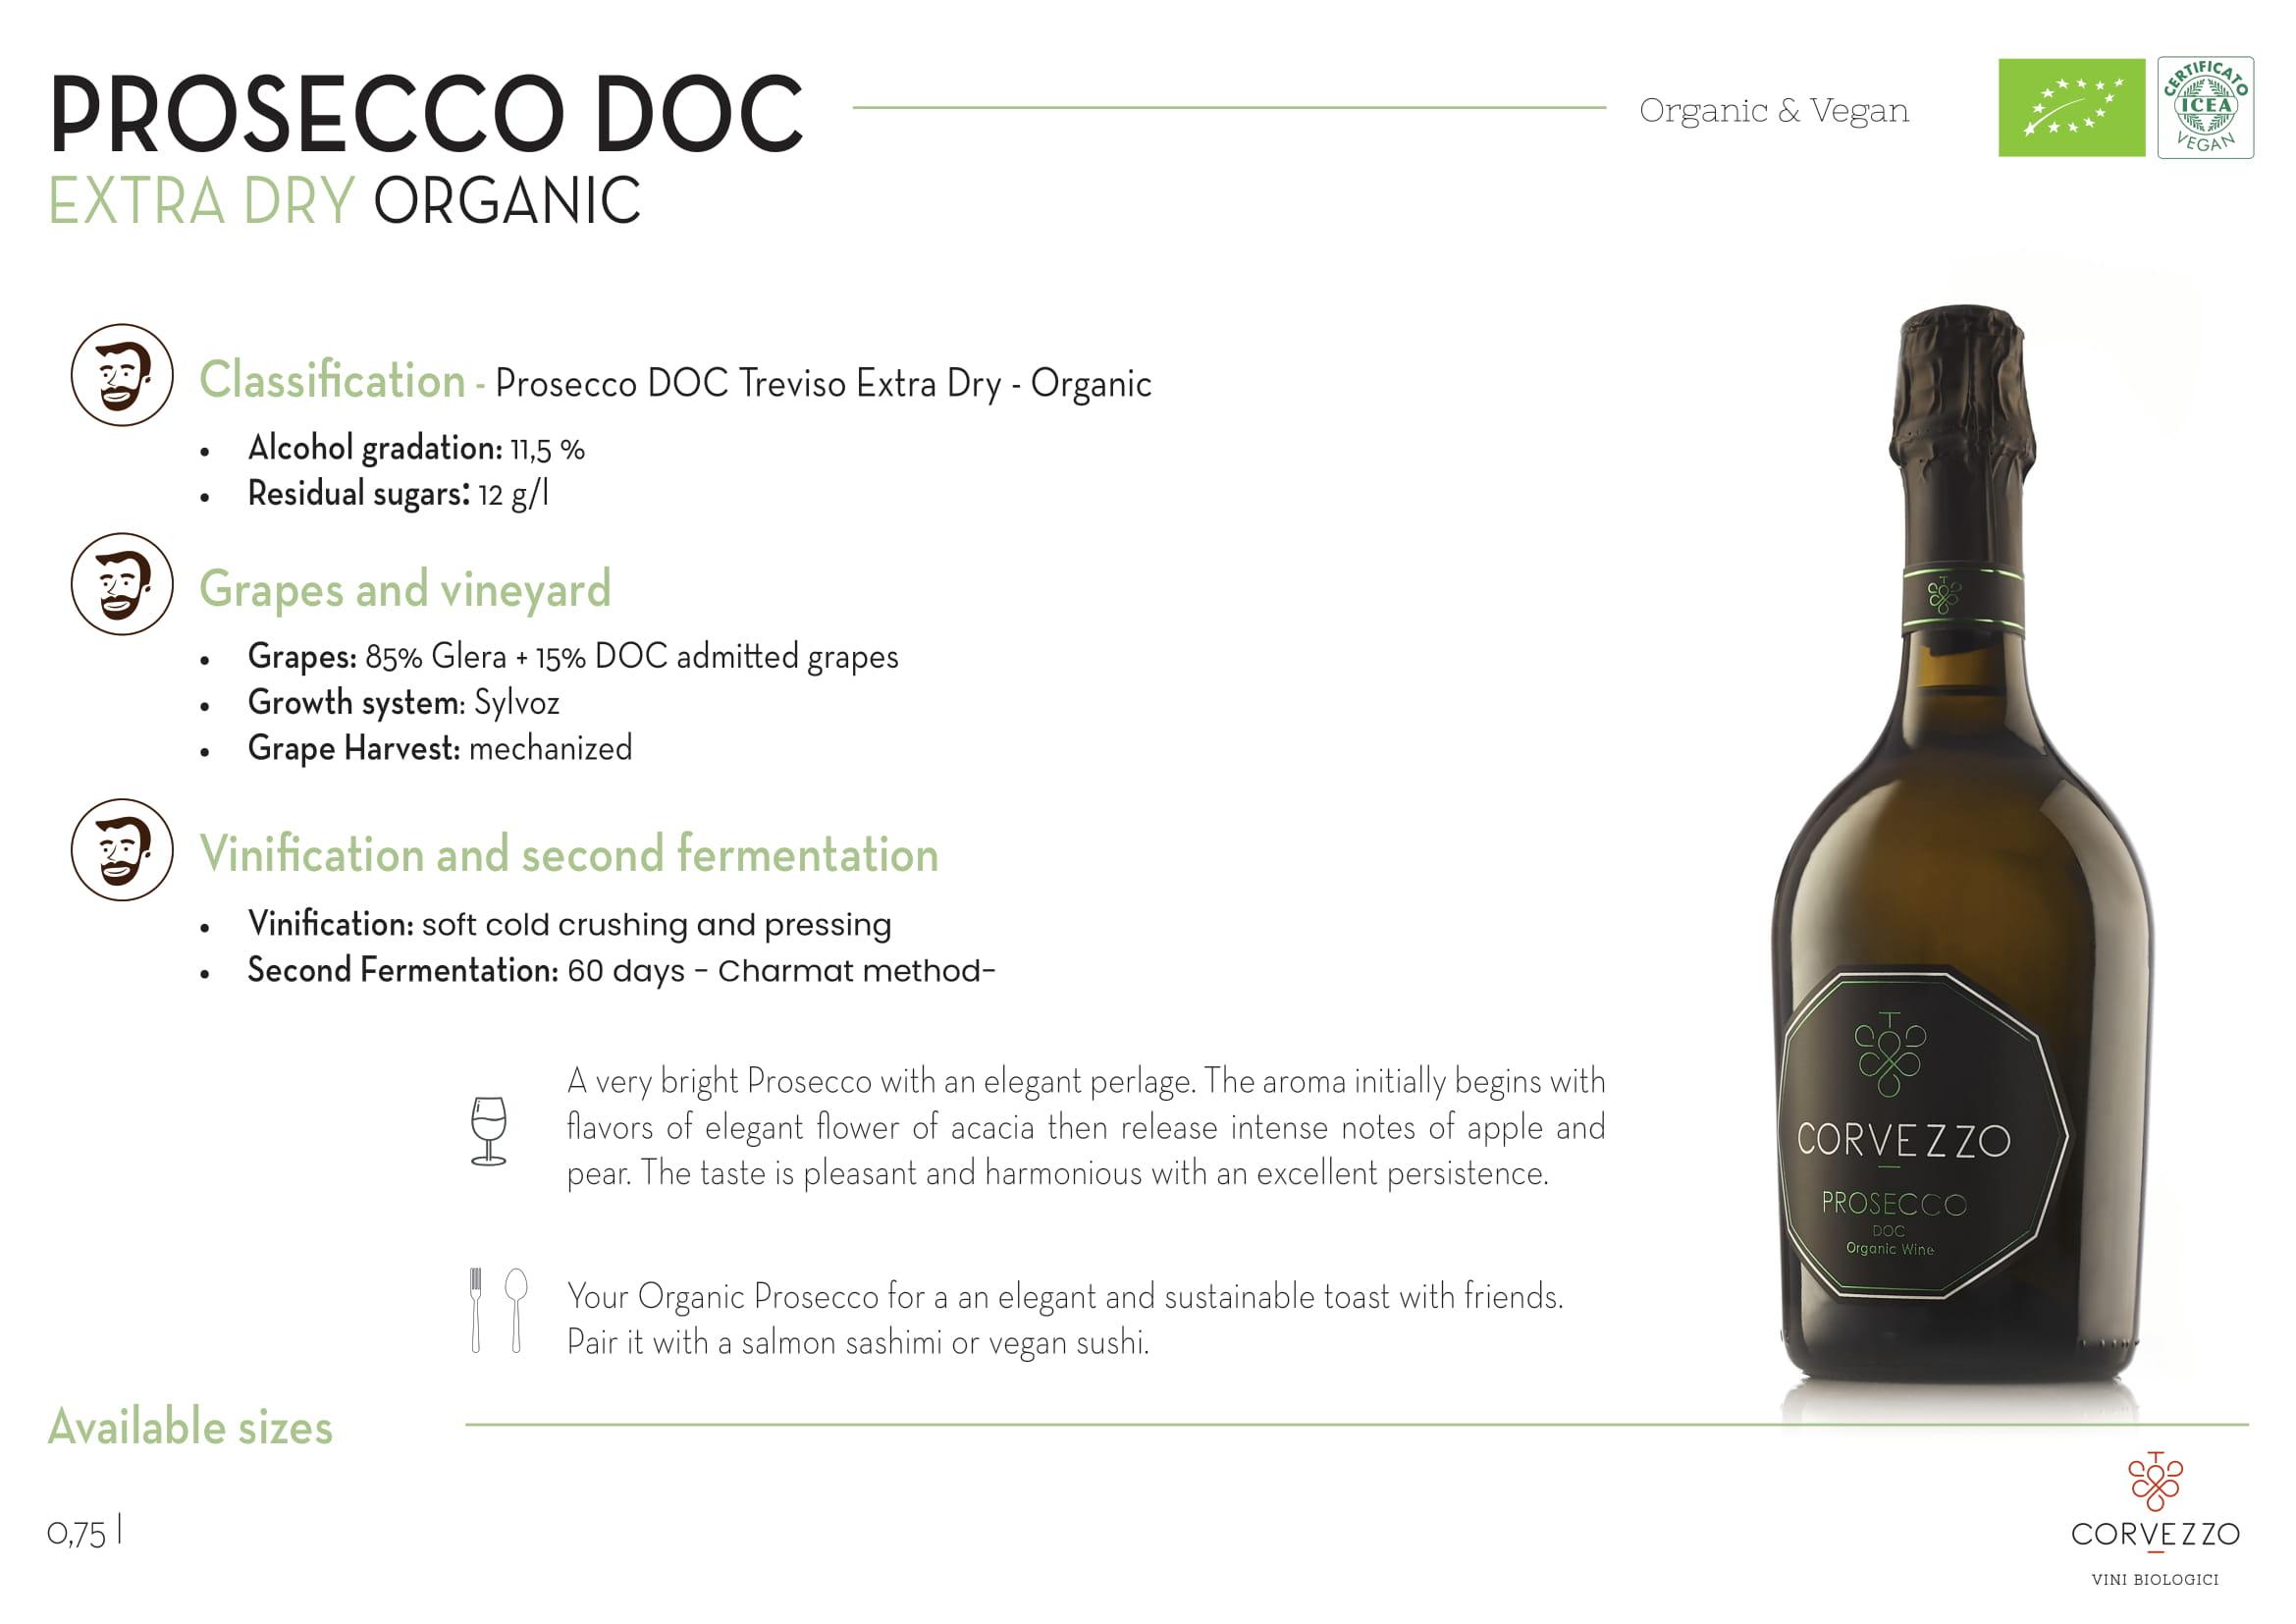 Corvezzo Prosecco Extra Dry Tech Sheet